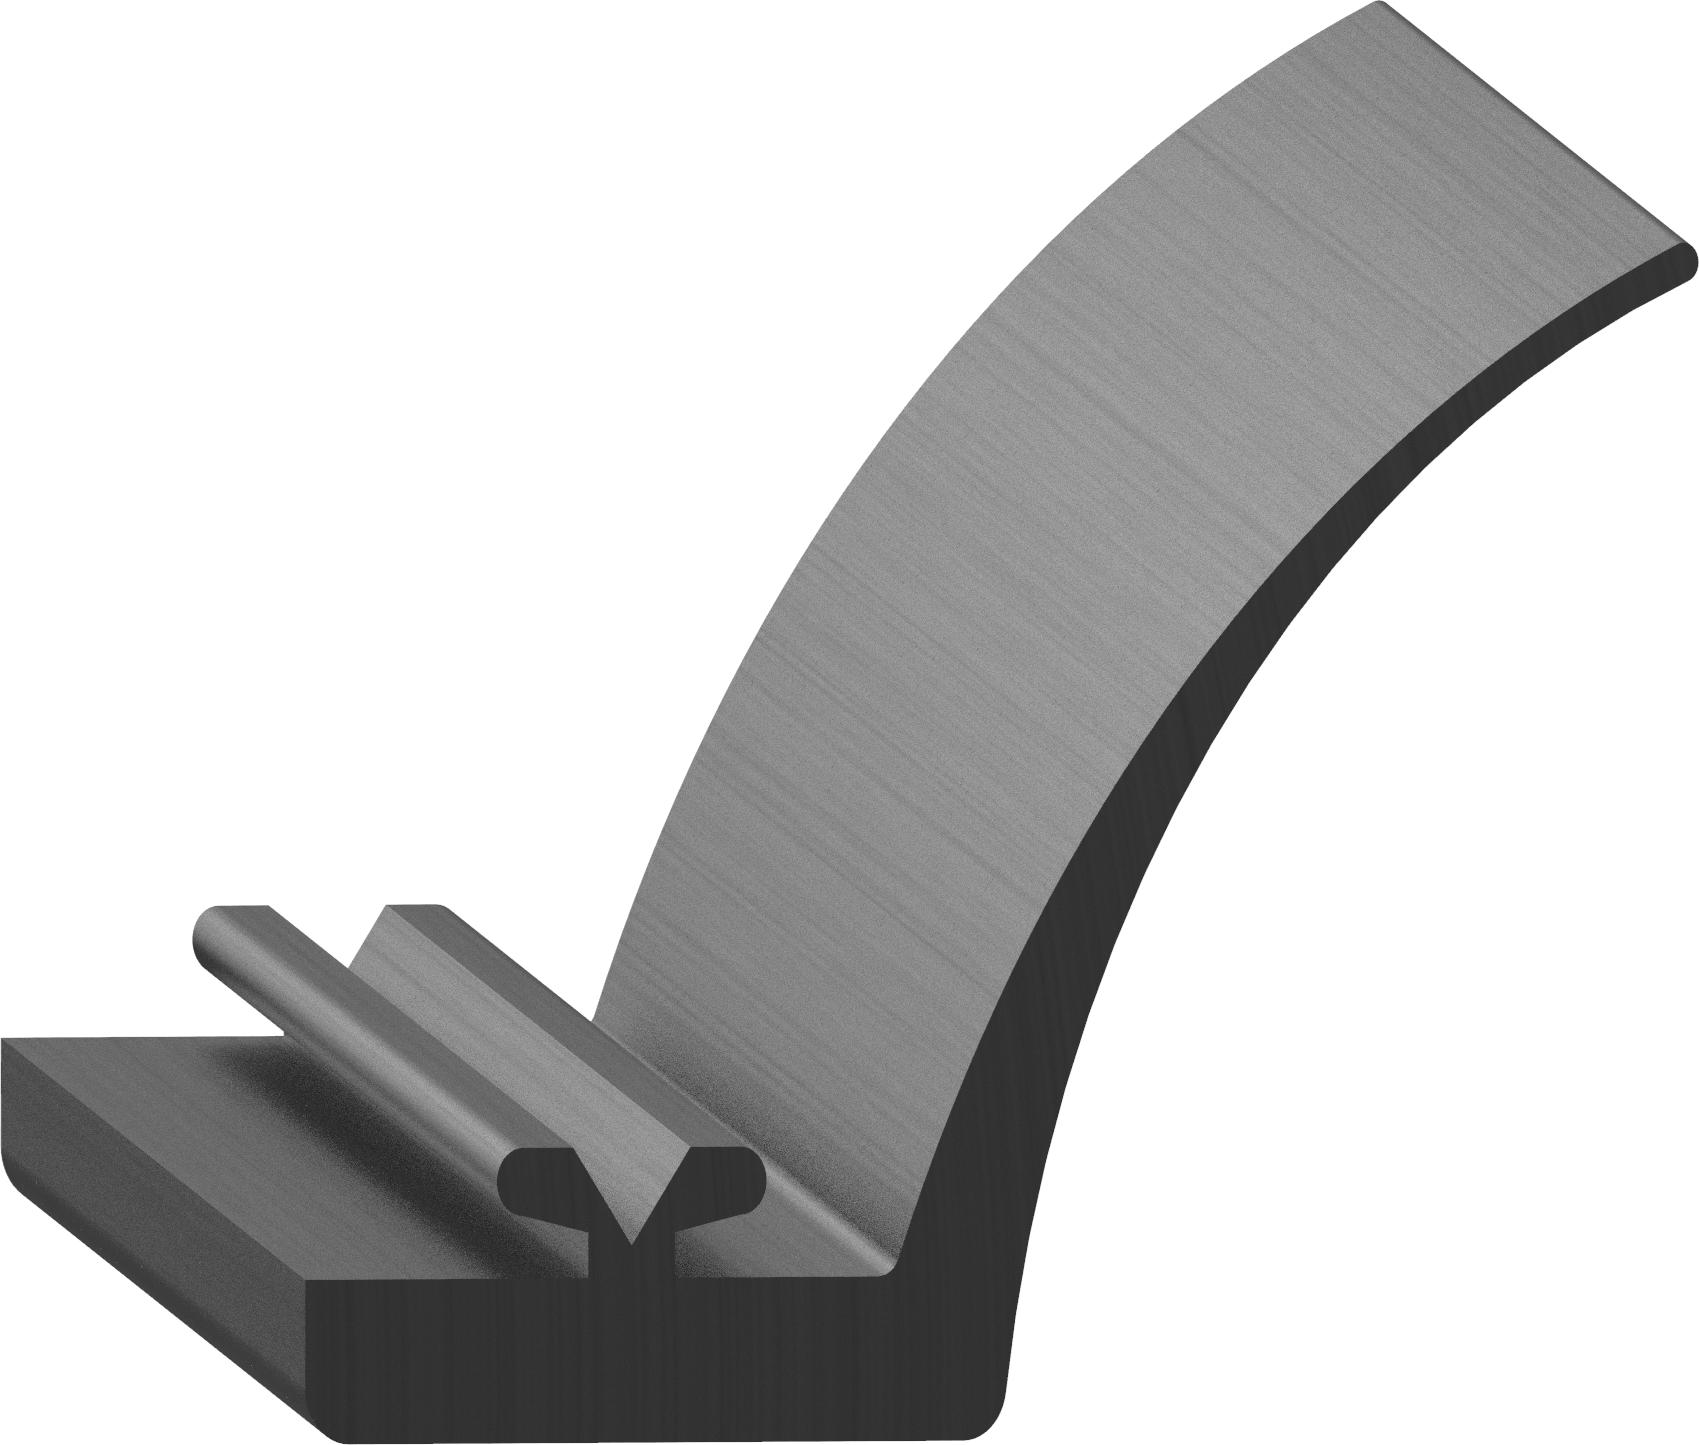 Uni-Grip part: RE-036